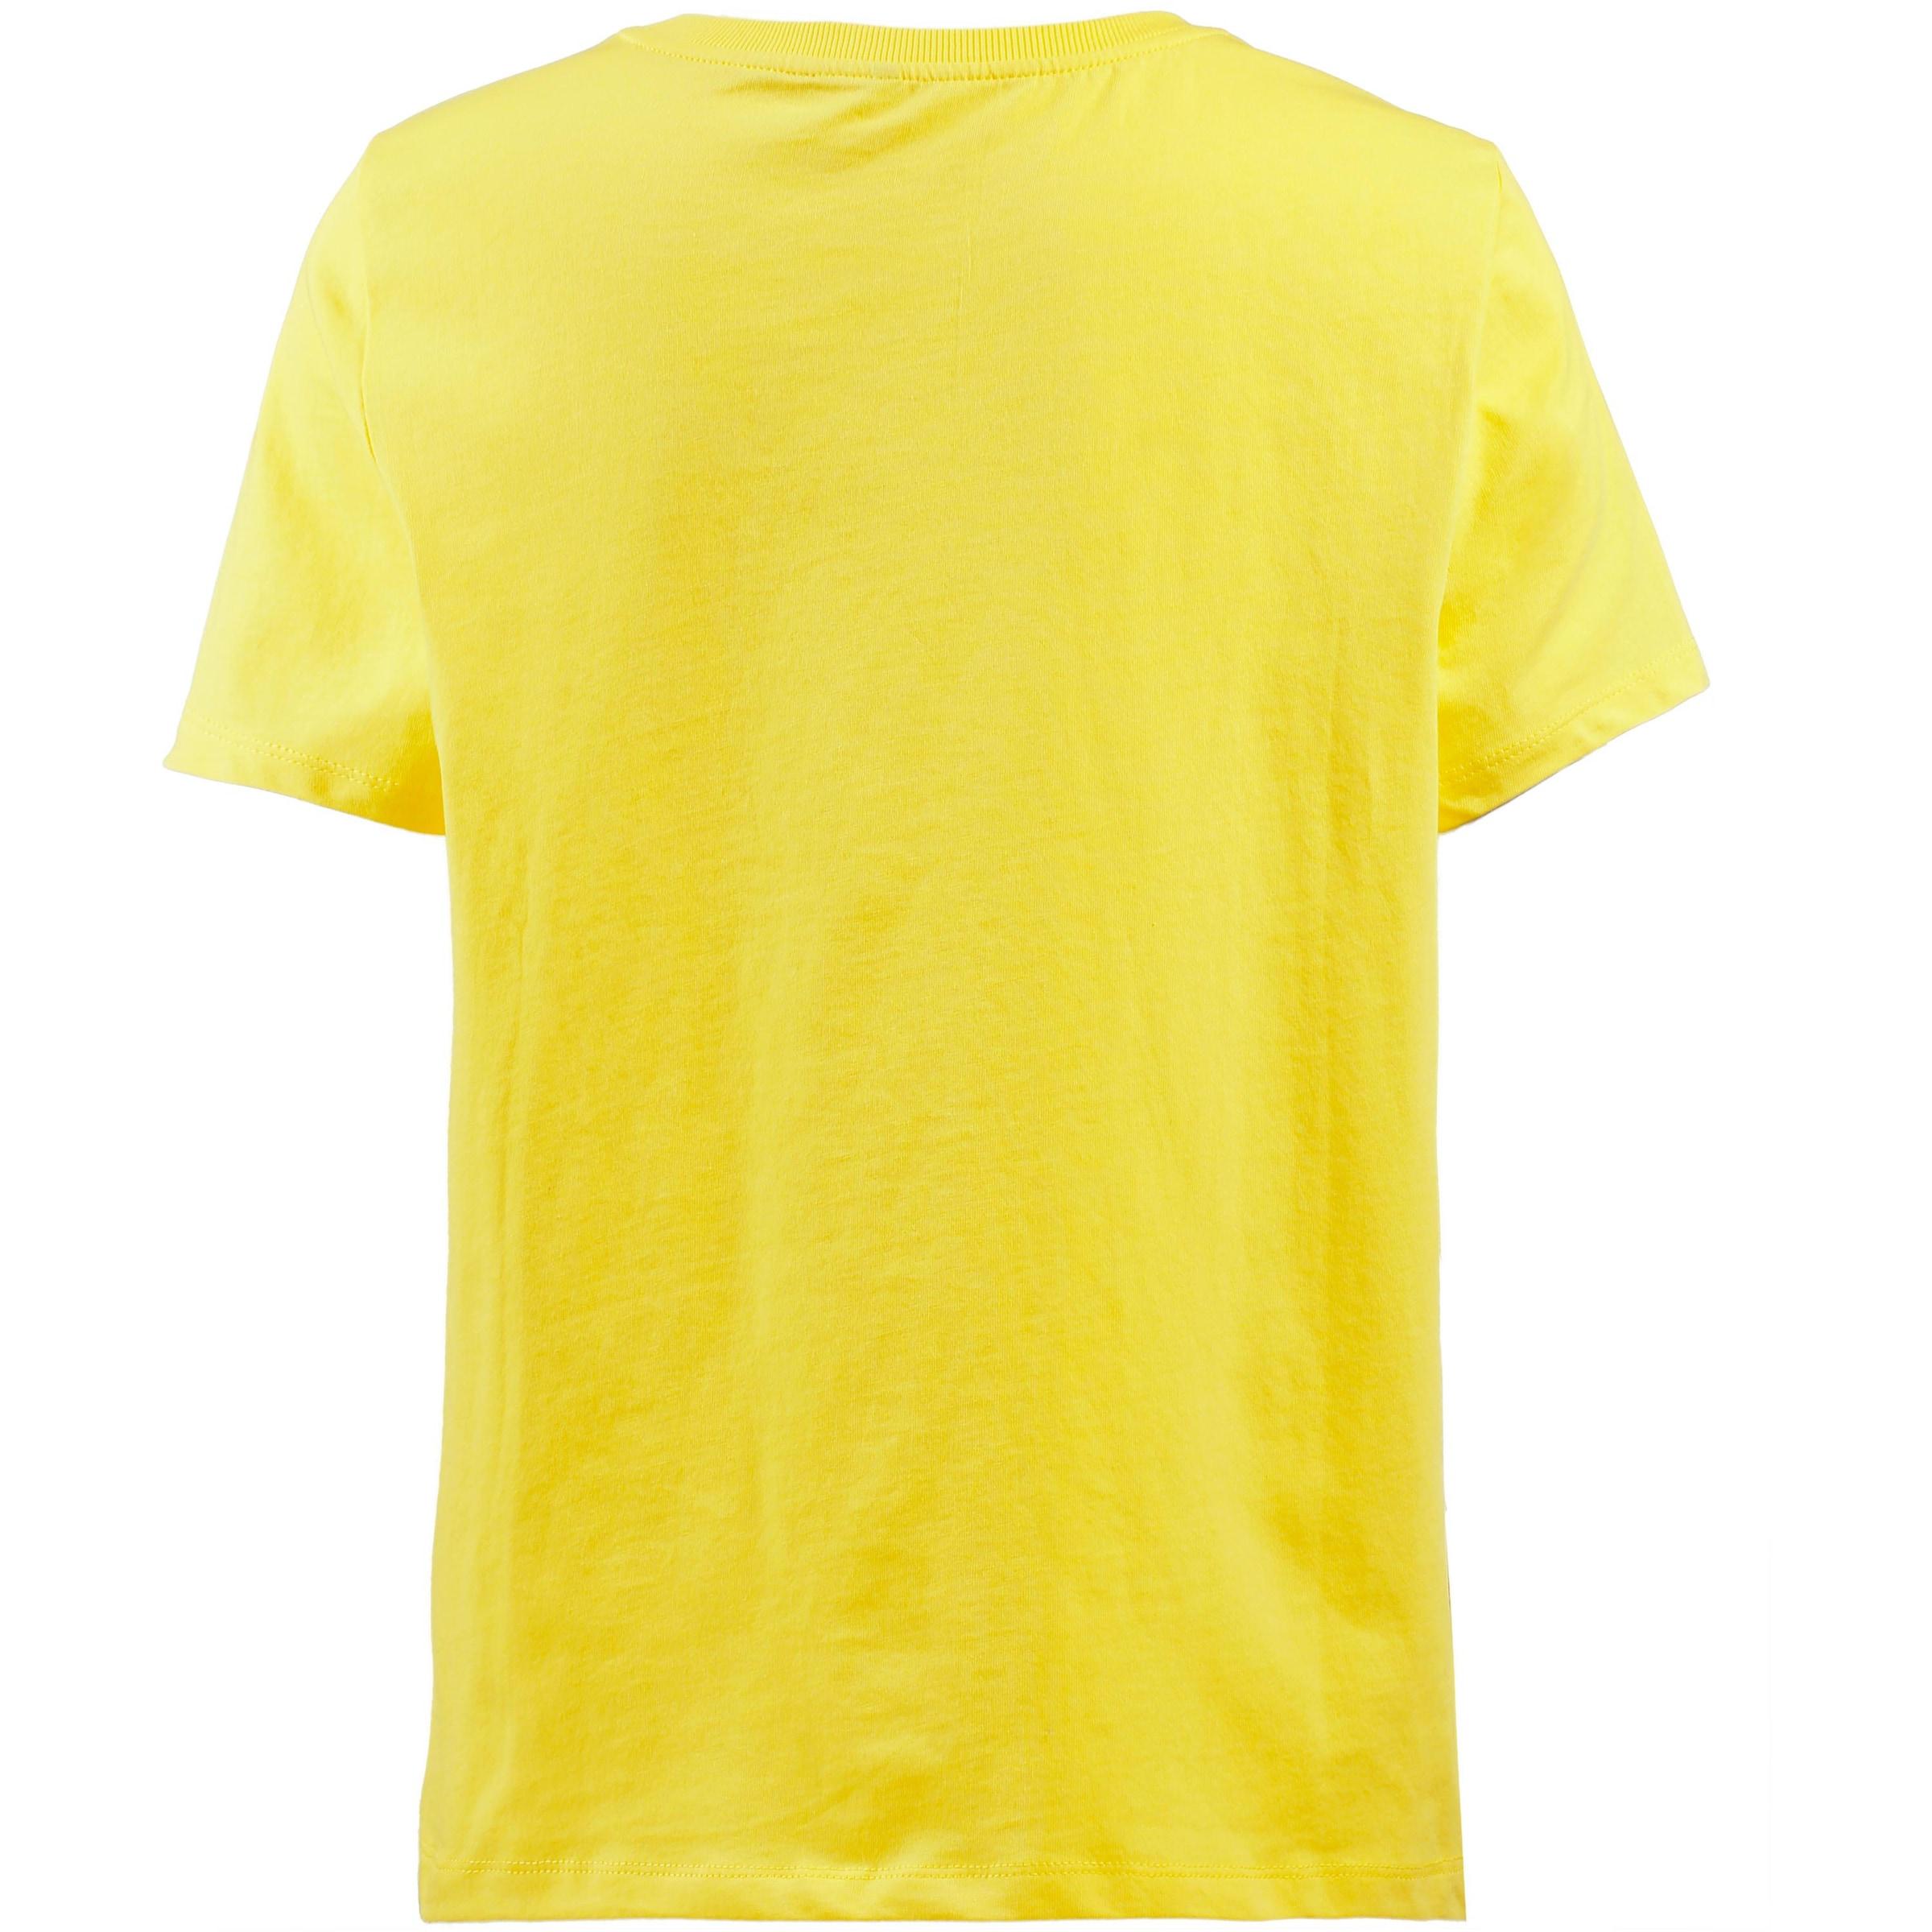 Billig Verkauf Am Besten ONLY Only T-Shirt Damen Freies Verschiffen Ebay obQkagZw